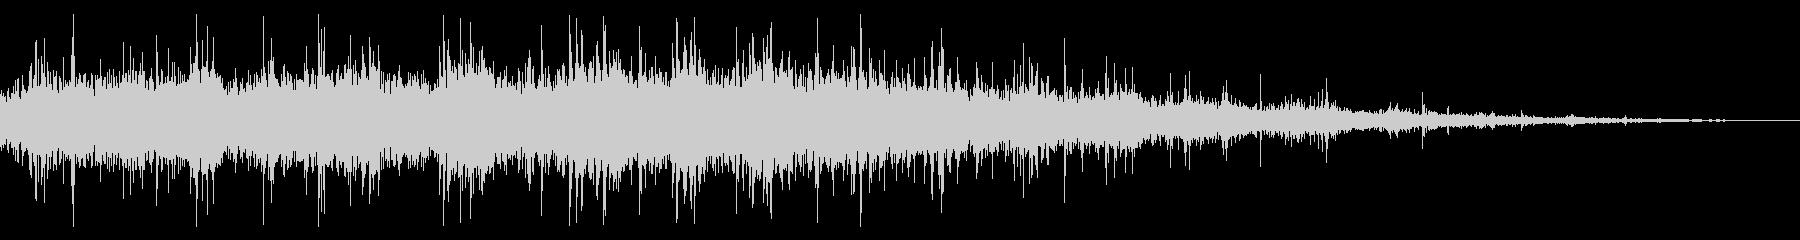 拍手の効果音(中規模/劇場/舞台)09の未再生の波形